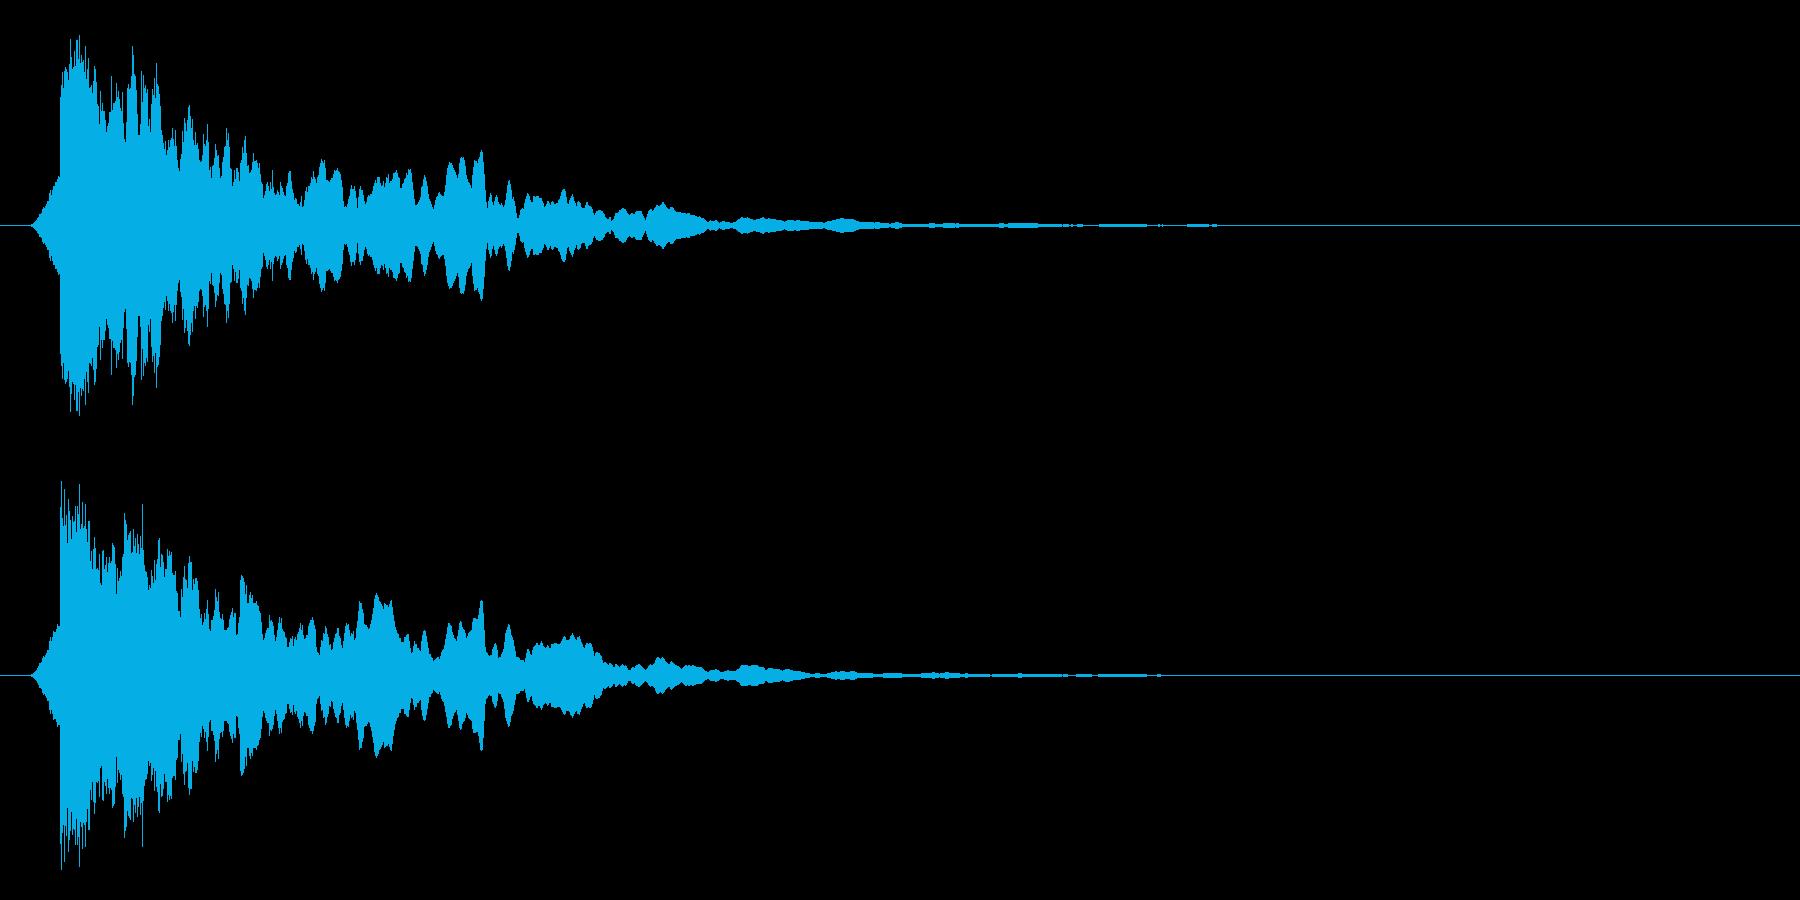 カーン/水/決定音の再生済みの波形